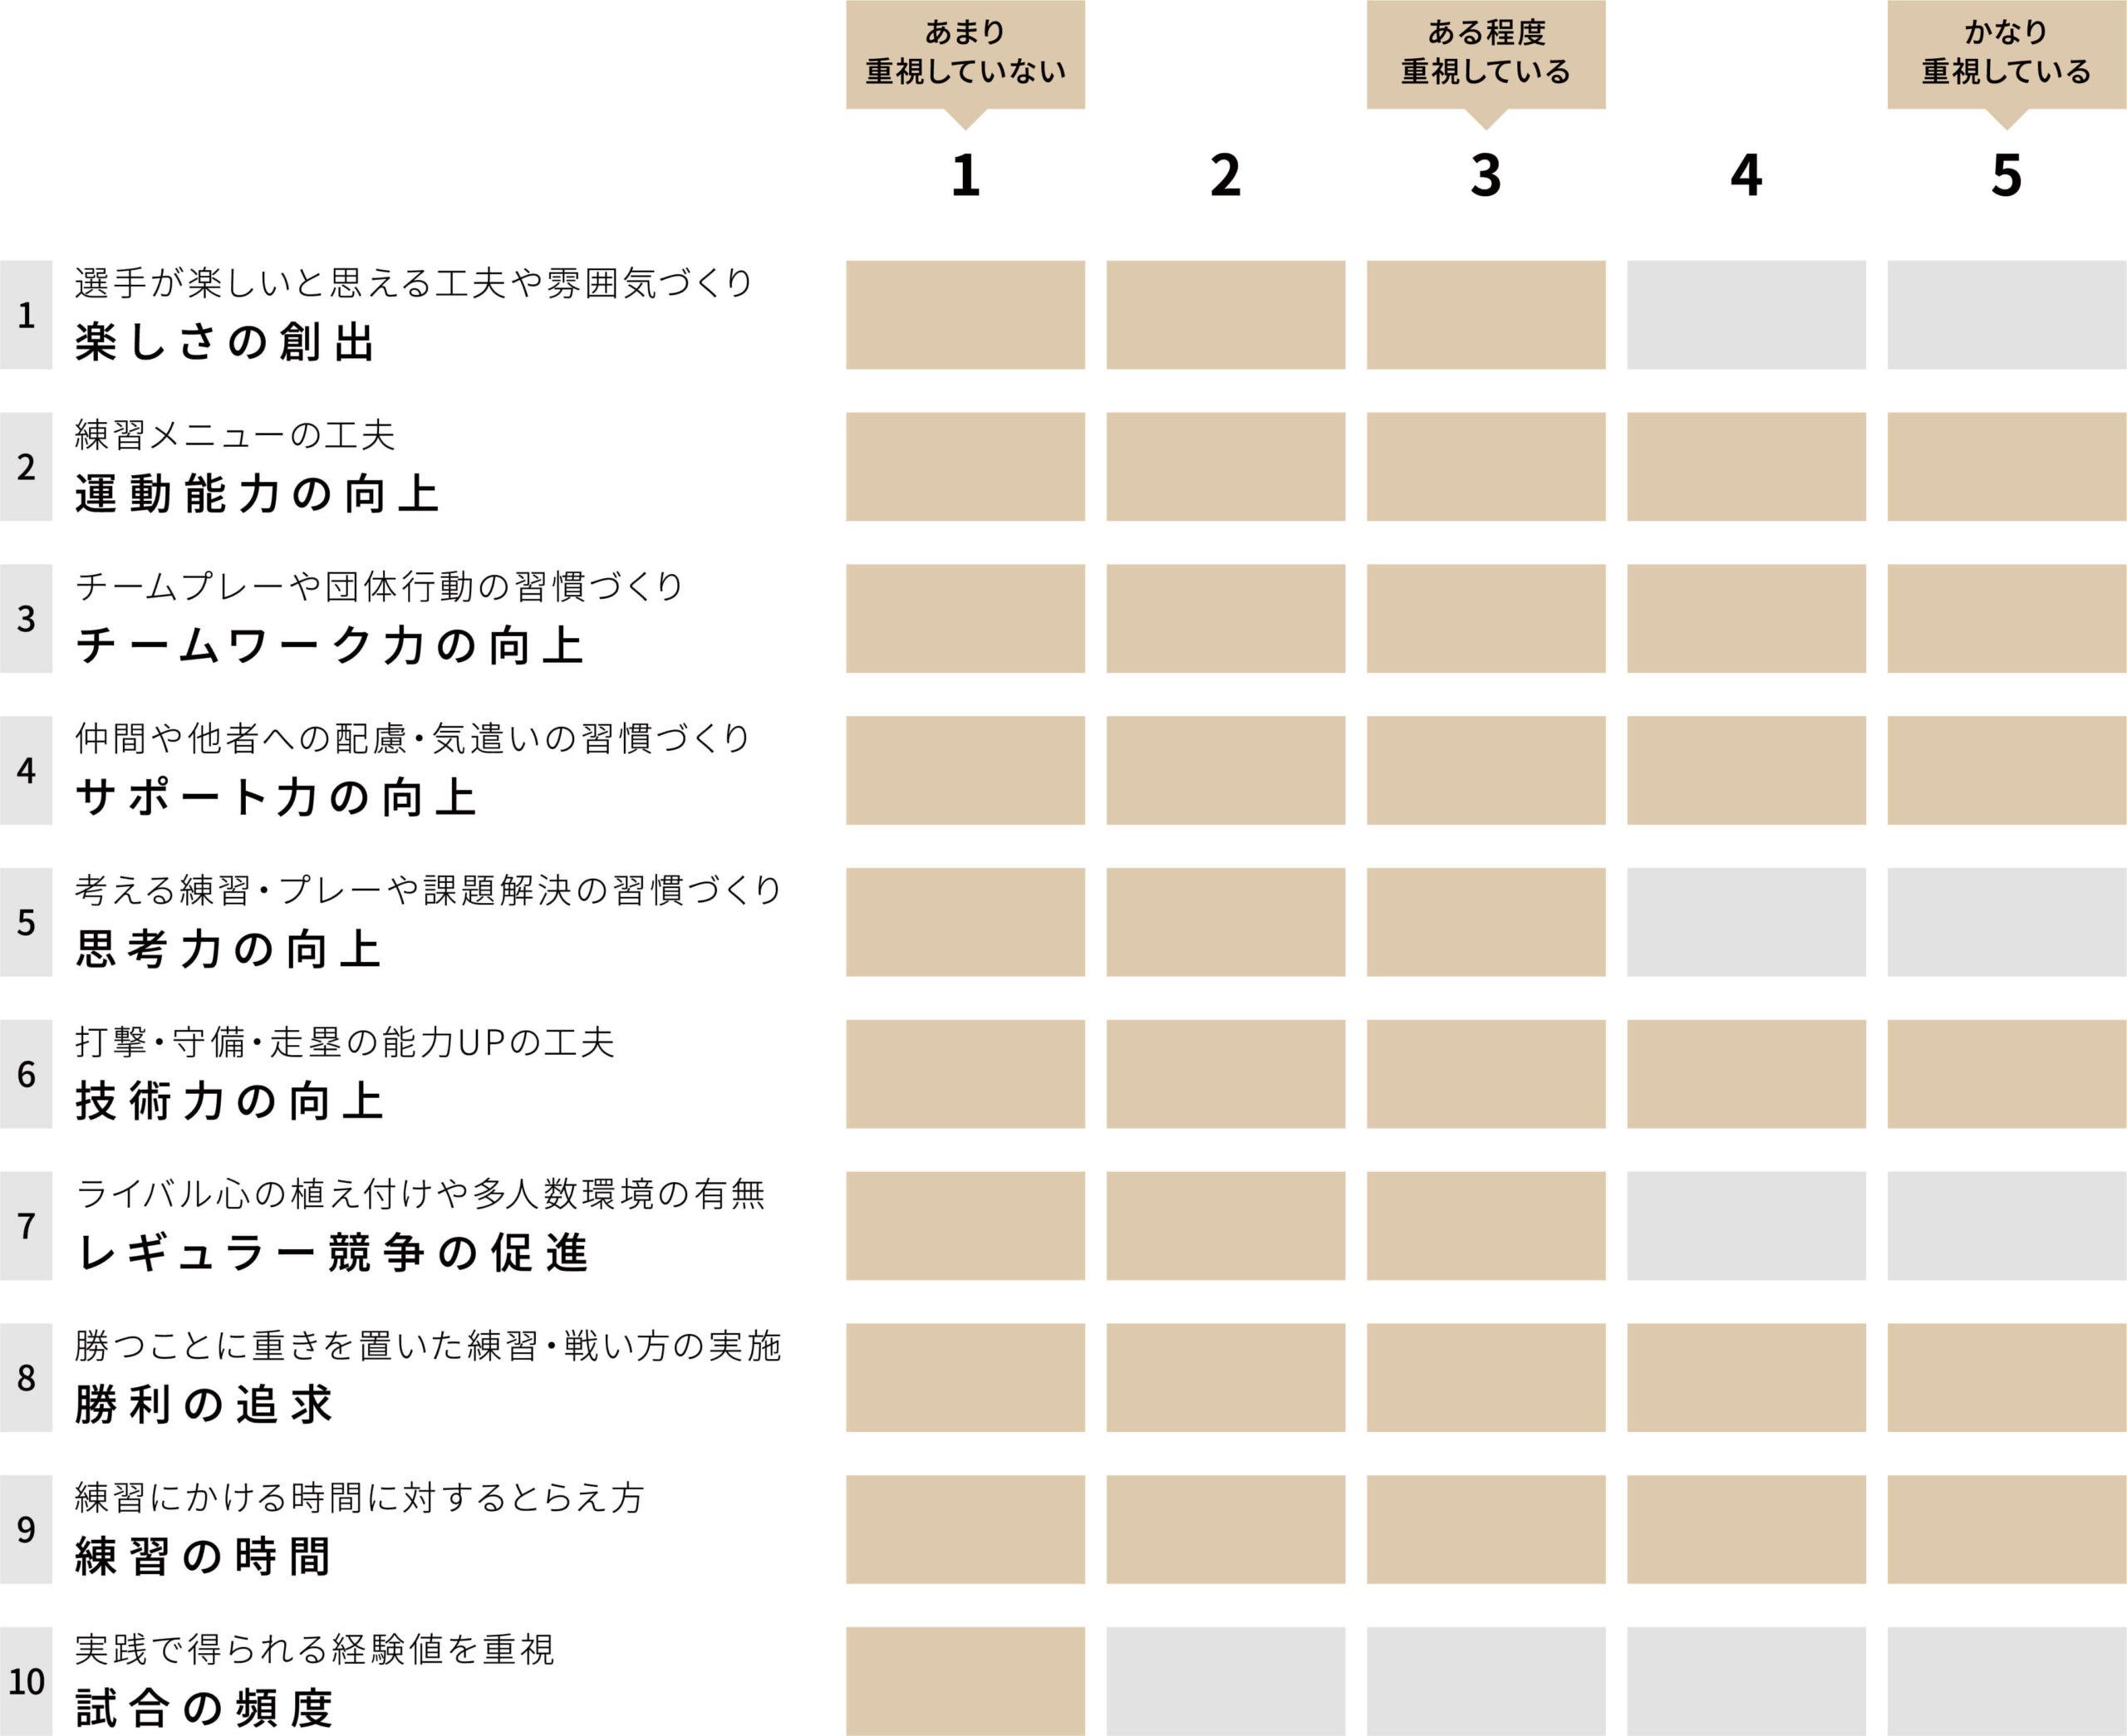 八重山育成会 チーム重視グラフ